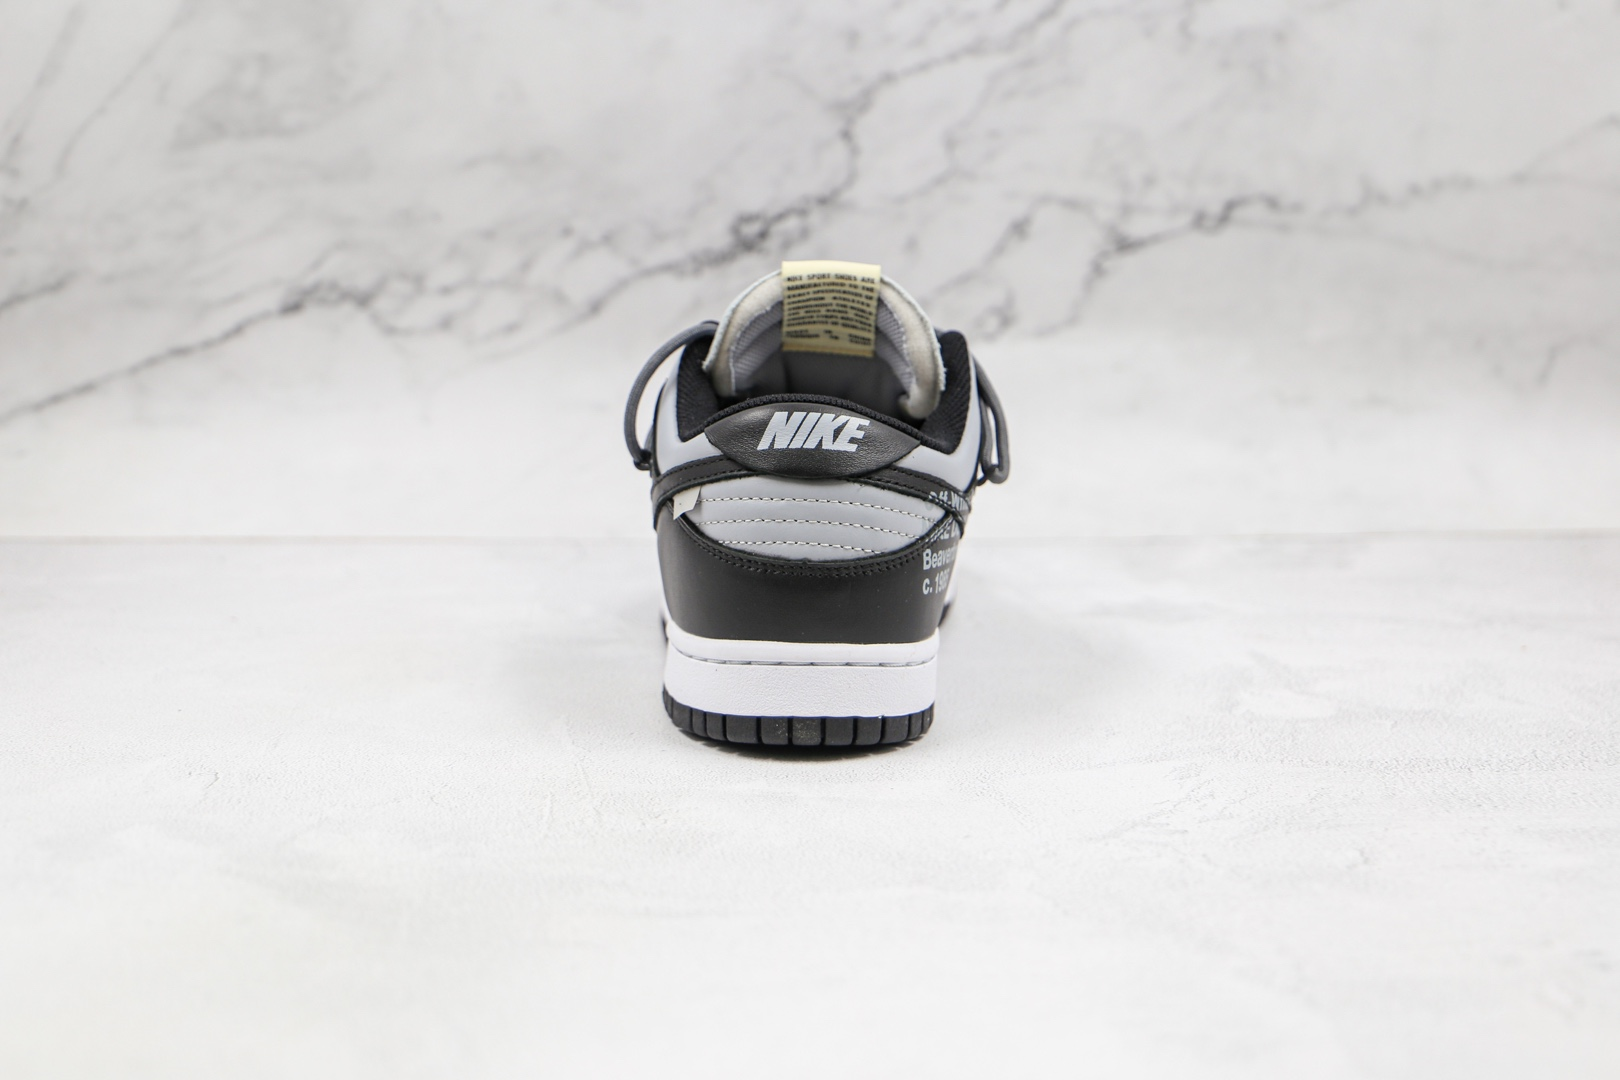 耐克Nike SB Dunk Low Black x OFF-WHITE x Futura三方联名款纯原版本OW SB DUNK黑灰色板鞋原盒原标 货号:CT0856-007